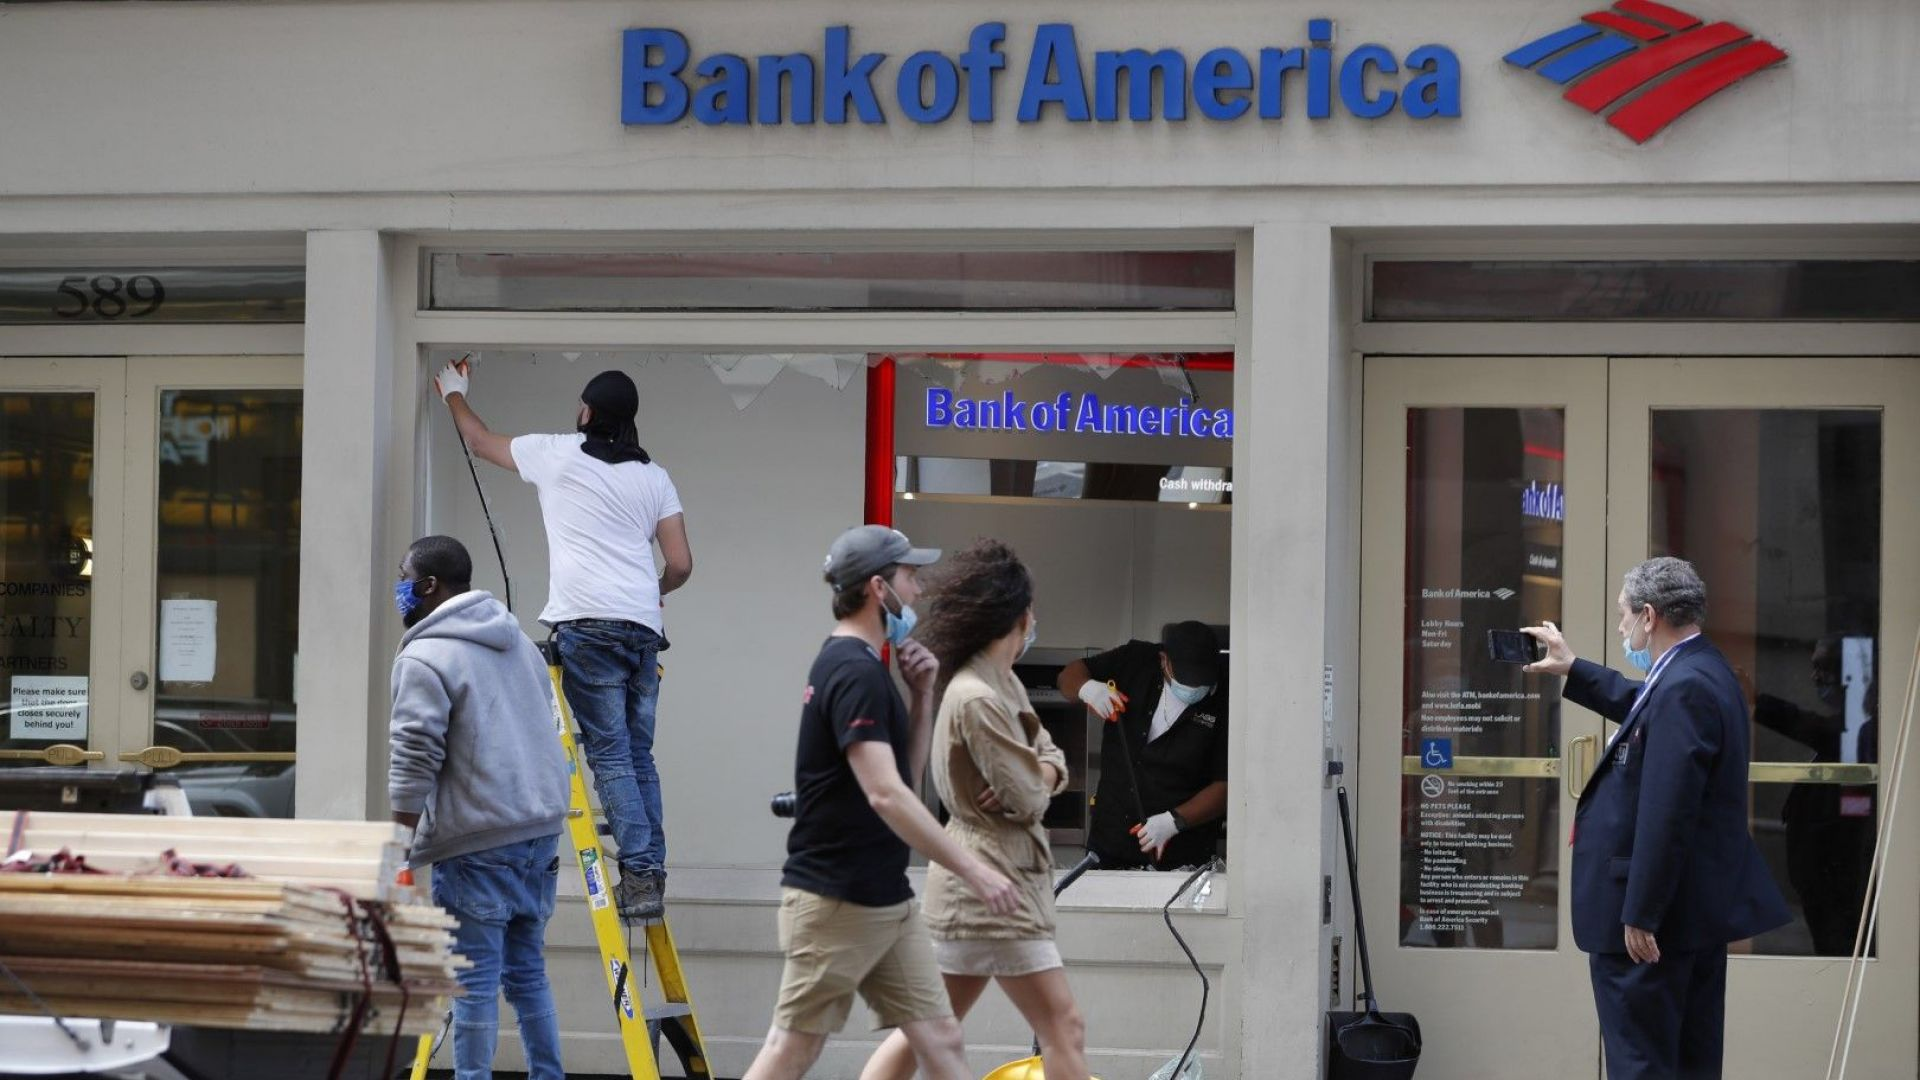 Банк ъв Америка обеща $1 млрд. в борбата срещу икономическото и расово неравенство